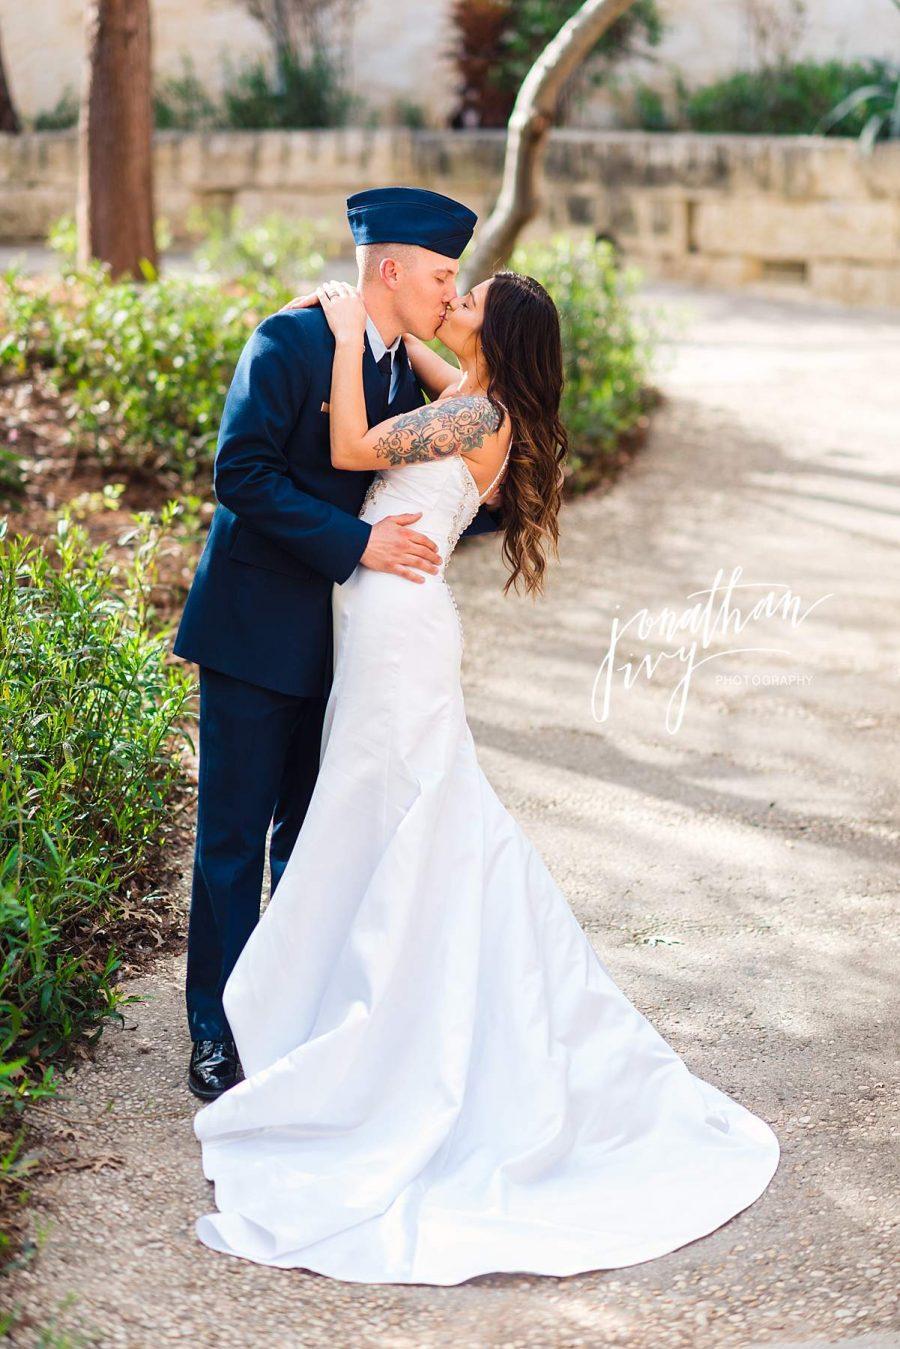 Air force Elopement Wedding Photographer